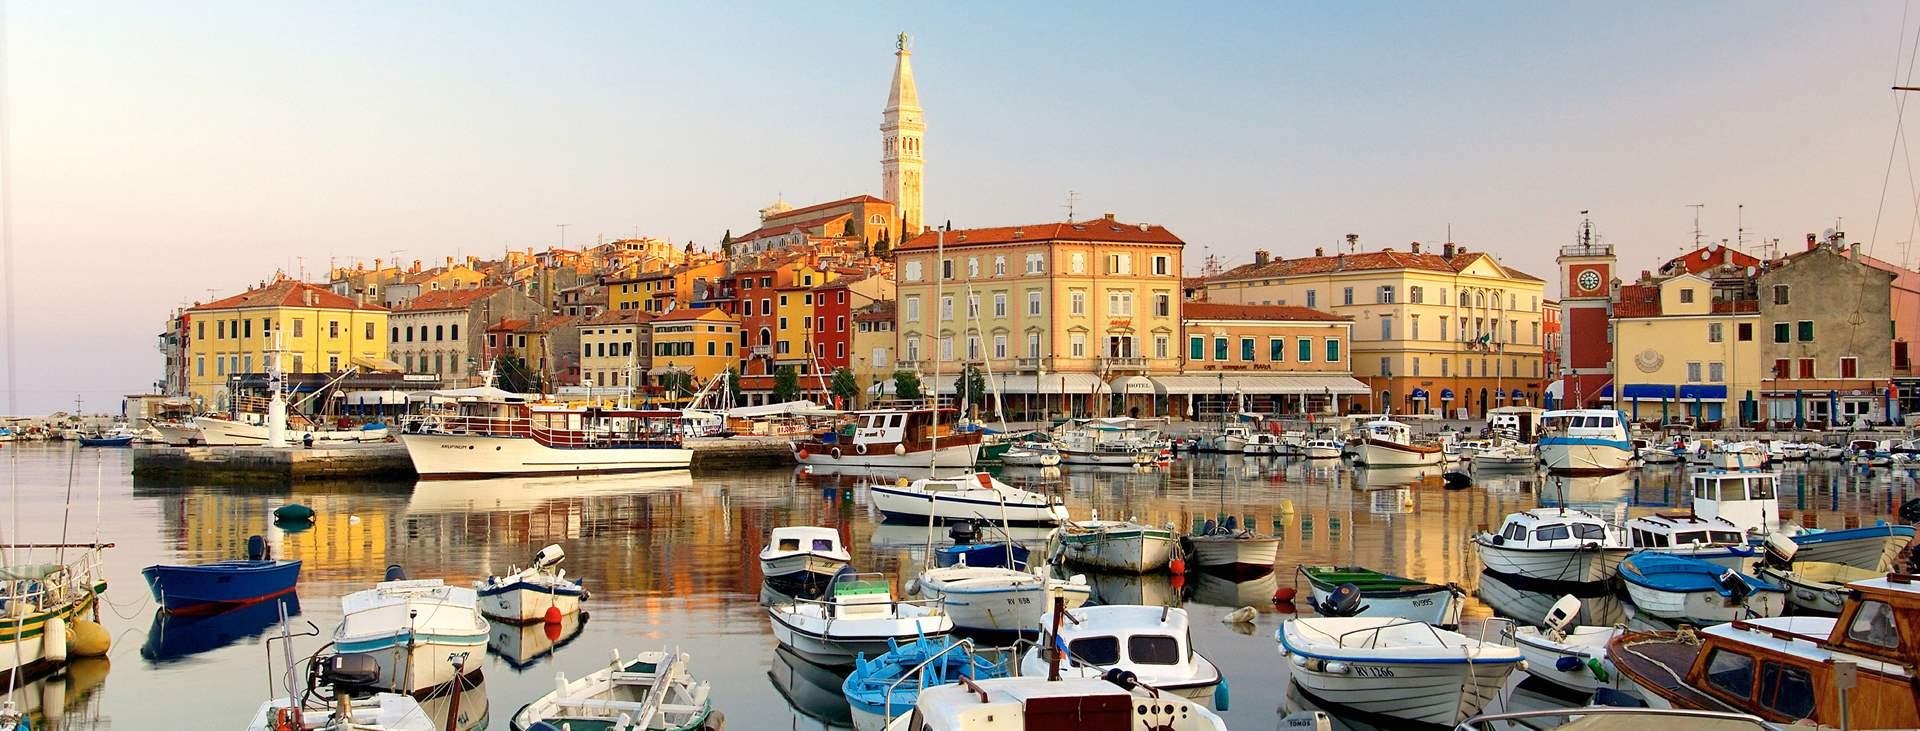 Resor till Rovinj i Istrien i Kroatien